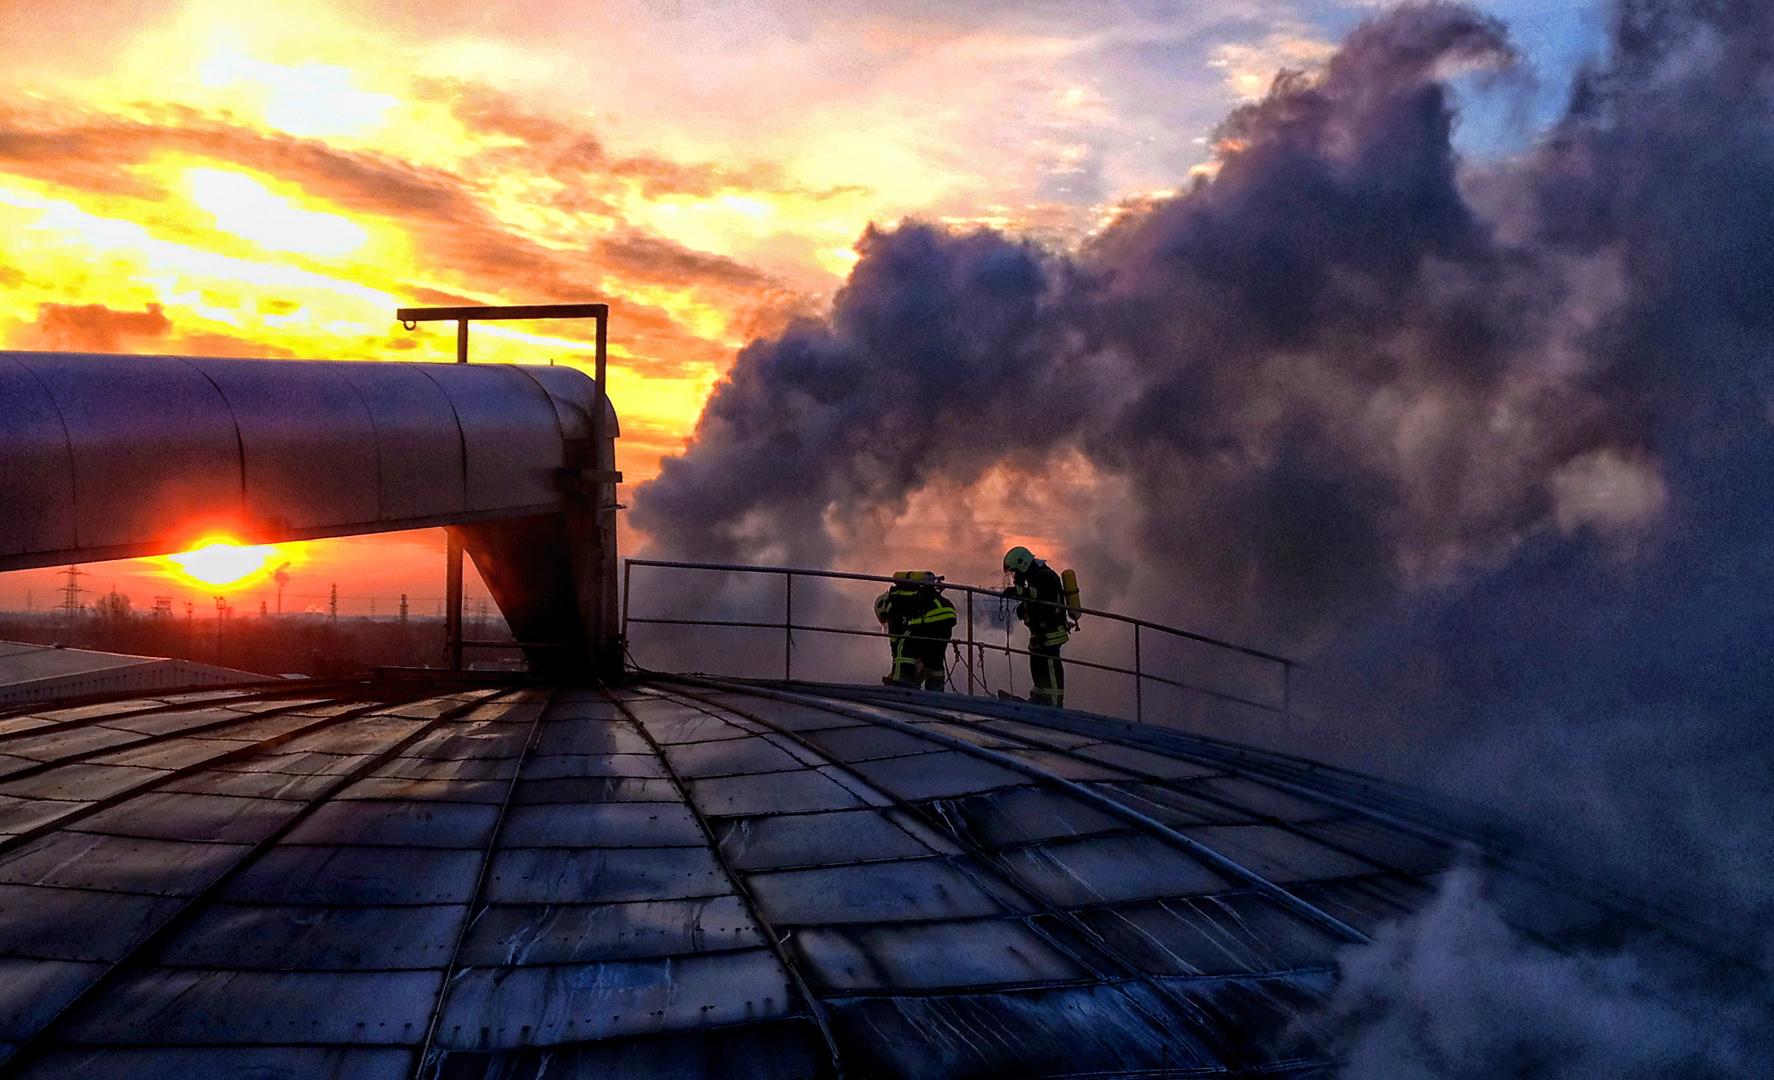 Atemschutztrupp bei Sonnenaufgang